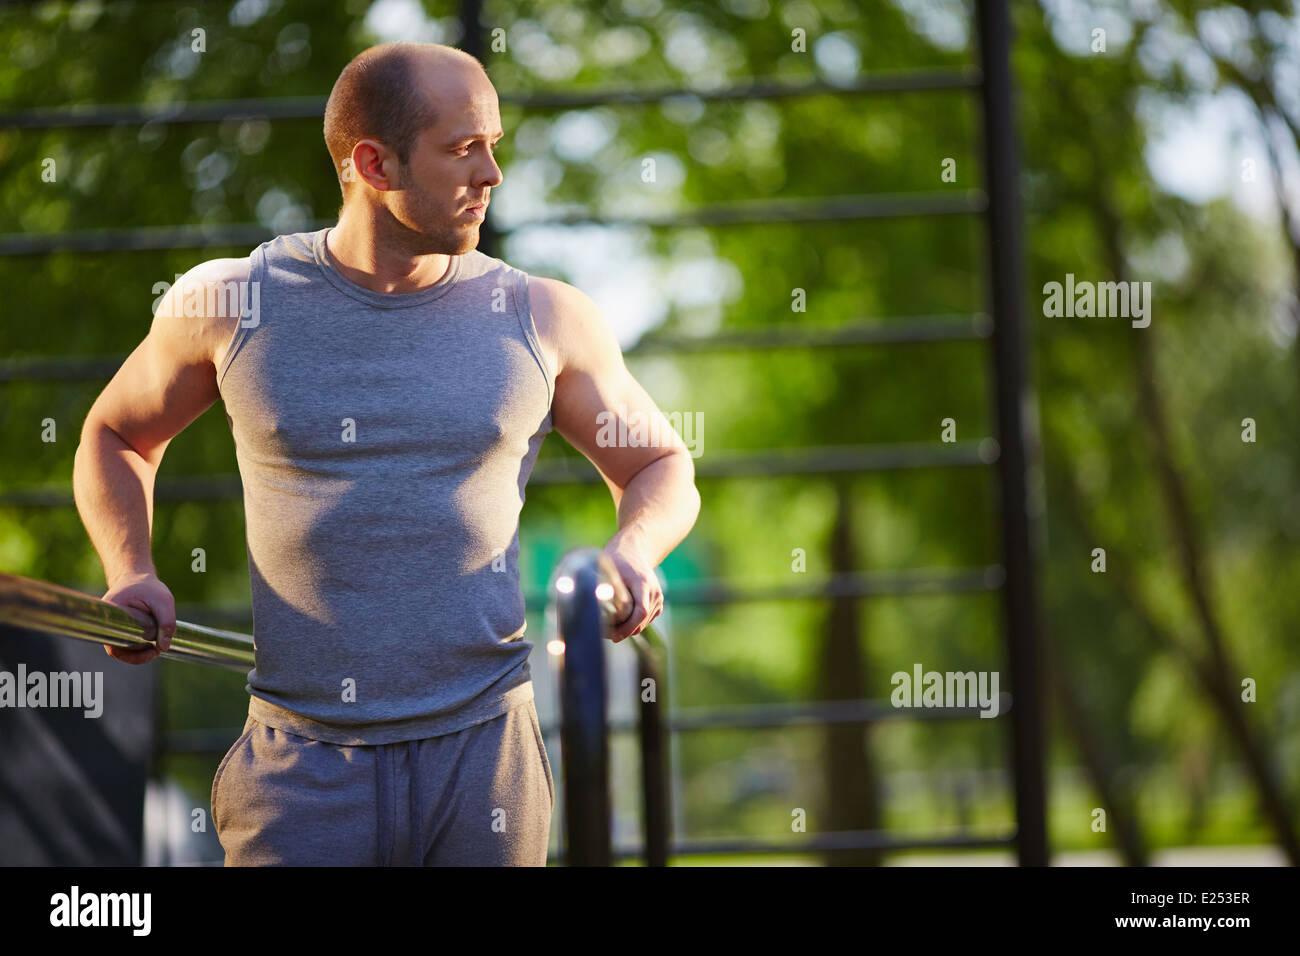 Junger Mann Training auf Sportausrüstung außerhalb Stockbild